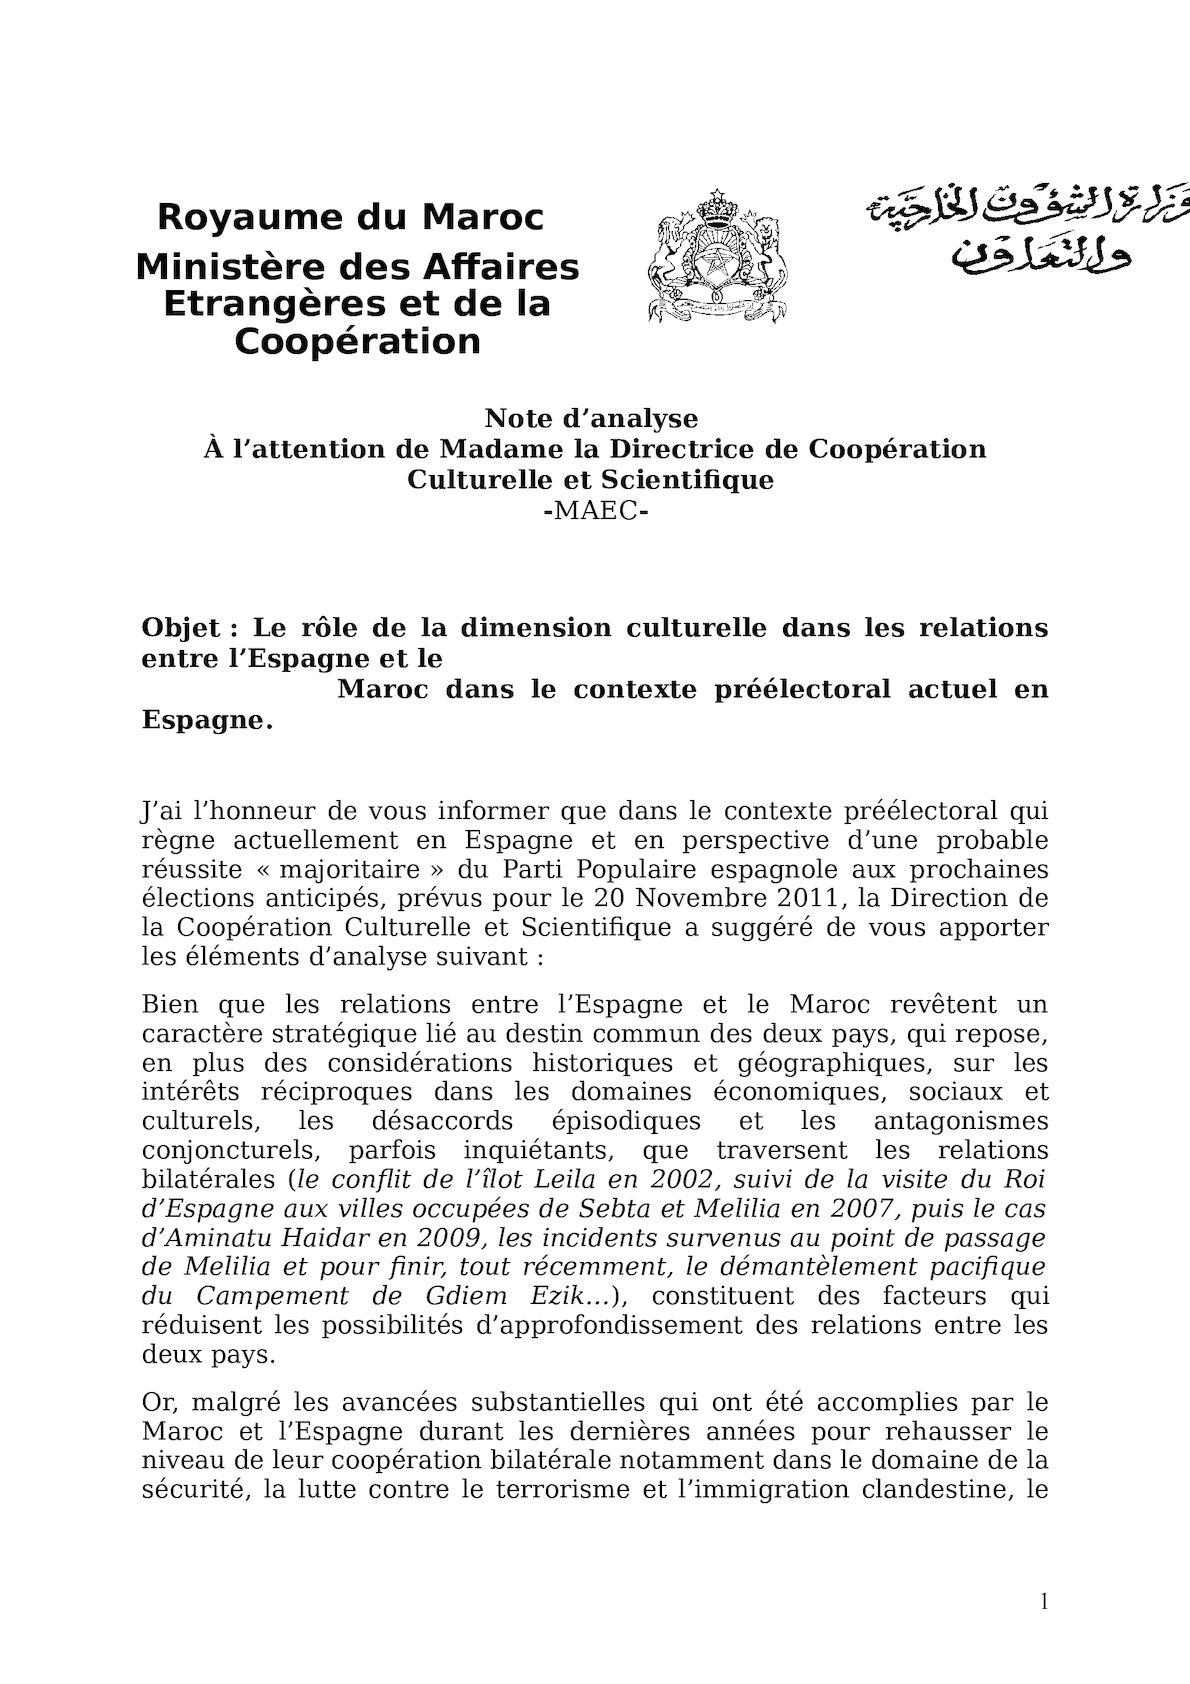 Elements D'analyse Et Propositions Et Recommandations Dimension Culturelle Espagne Maroc